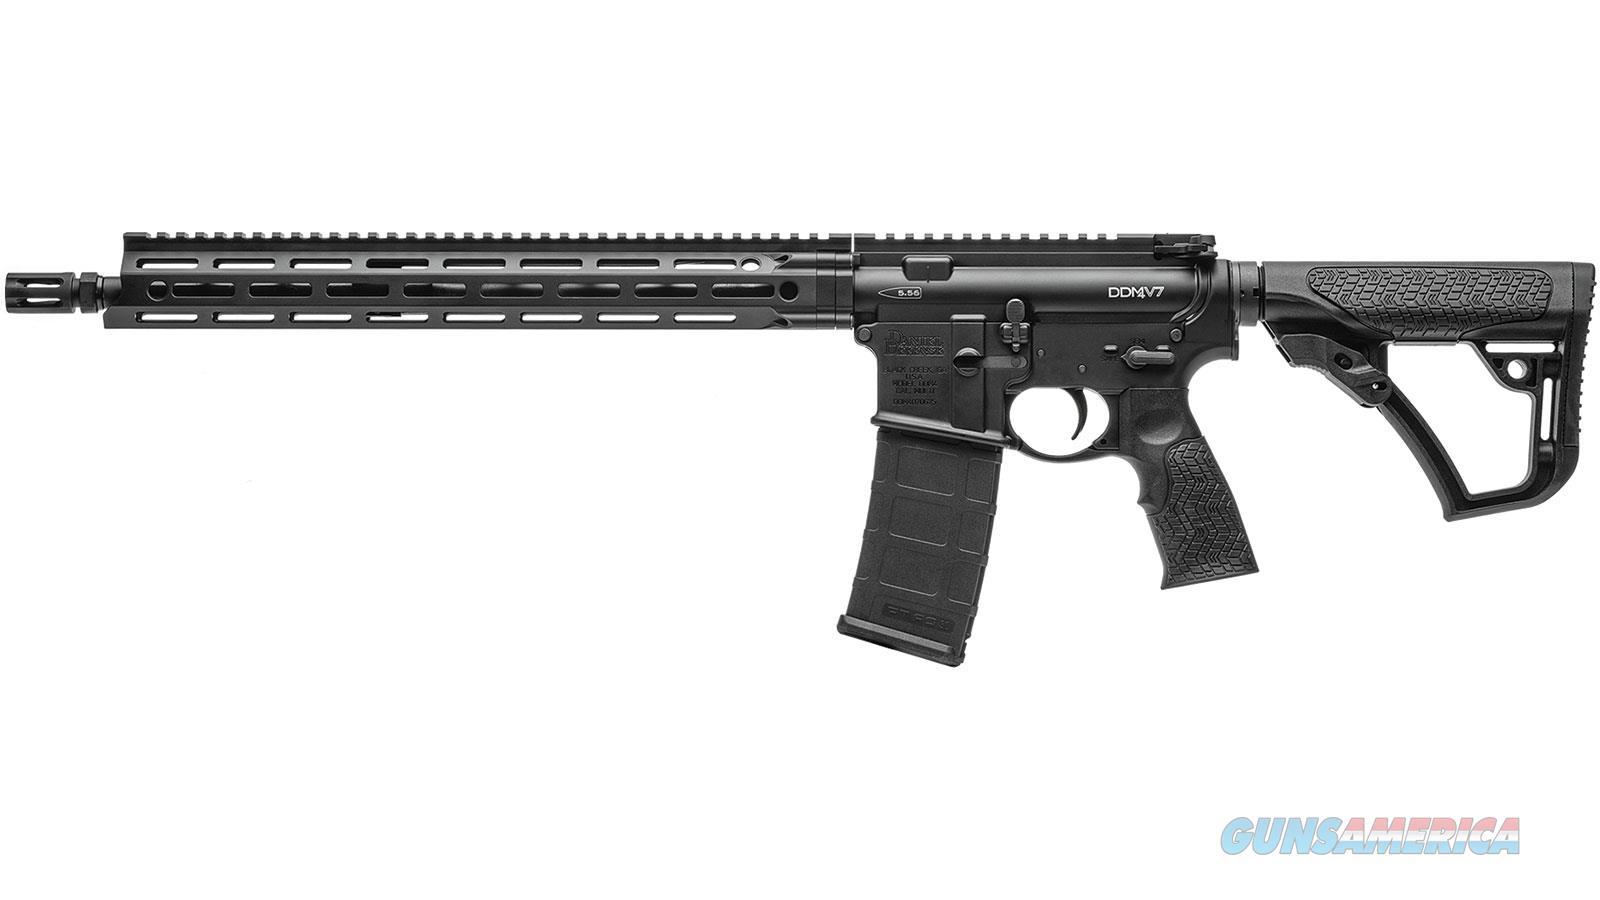 """Daniel Defense Ddm4v7 5.56 16"""" 30Rd 02-128-02081-047  Guns > Rifles > D Misc Rifles"""